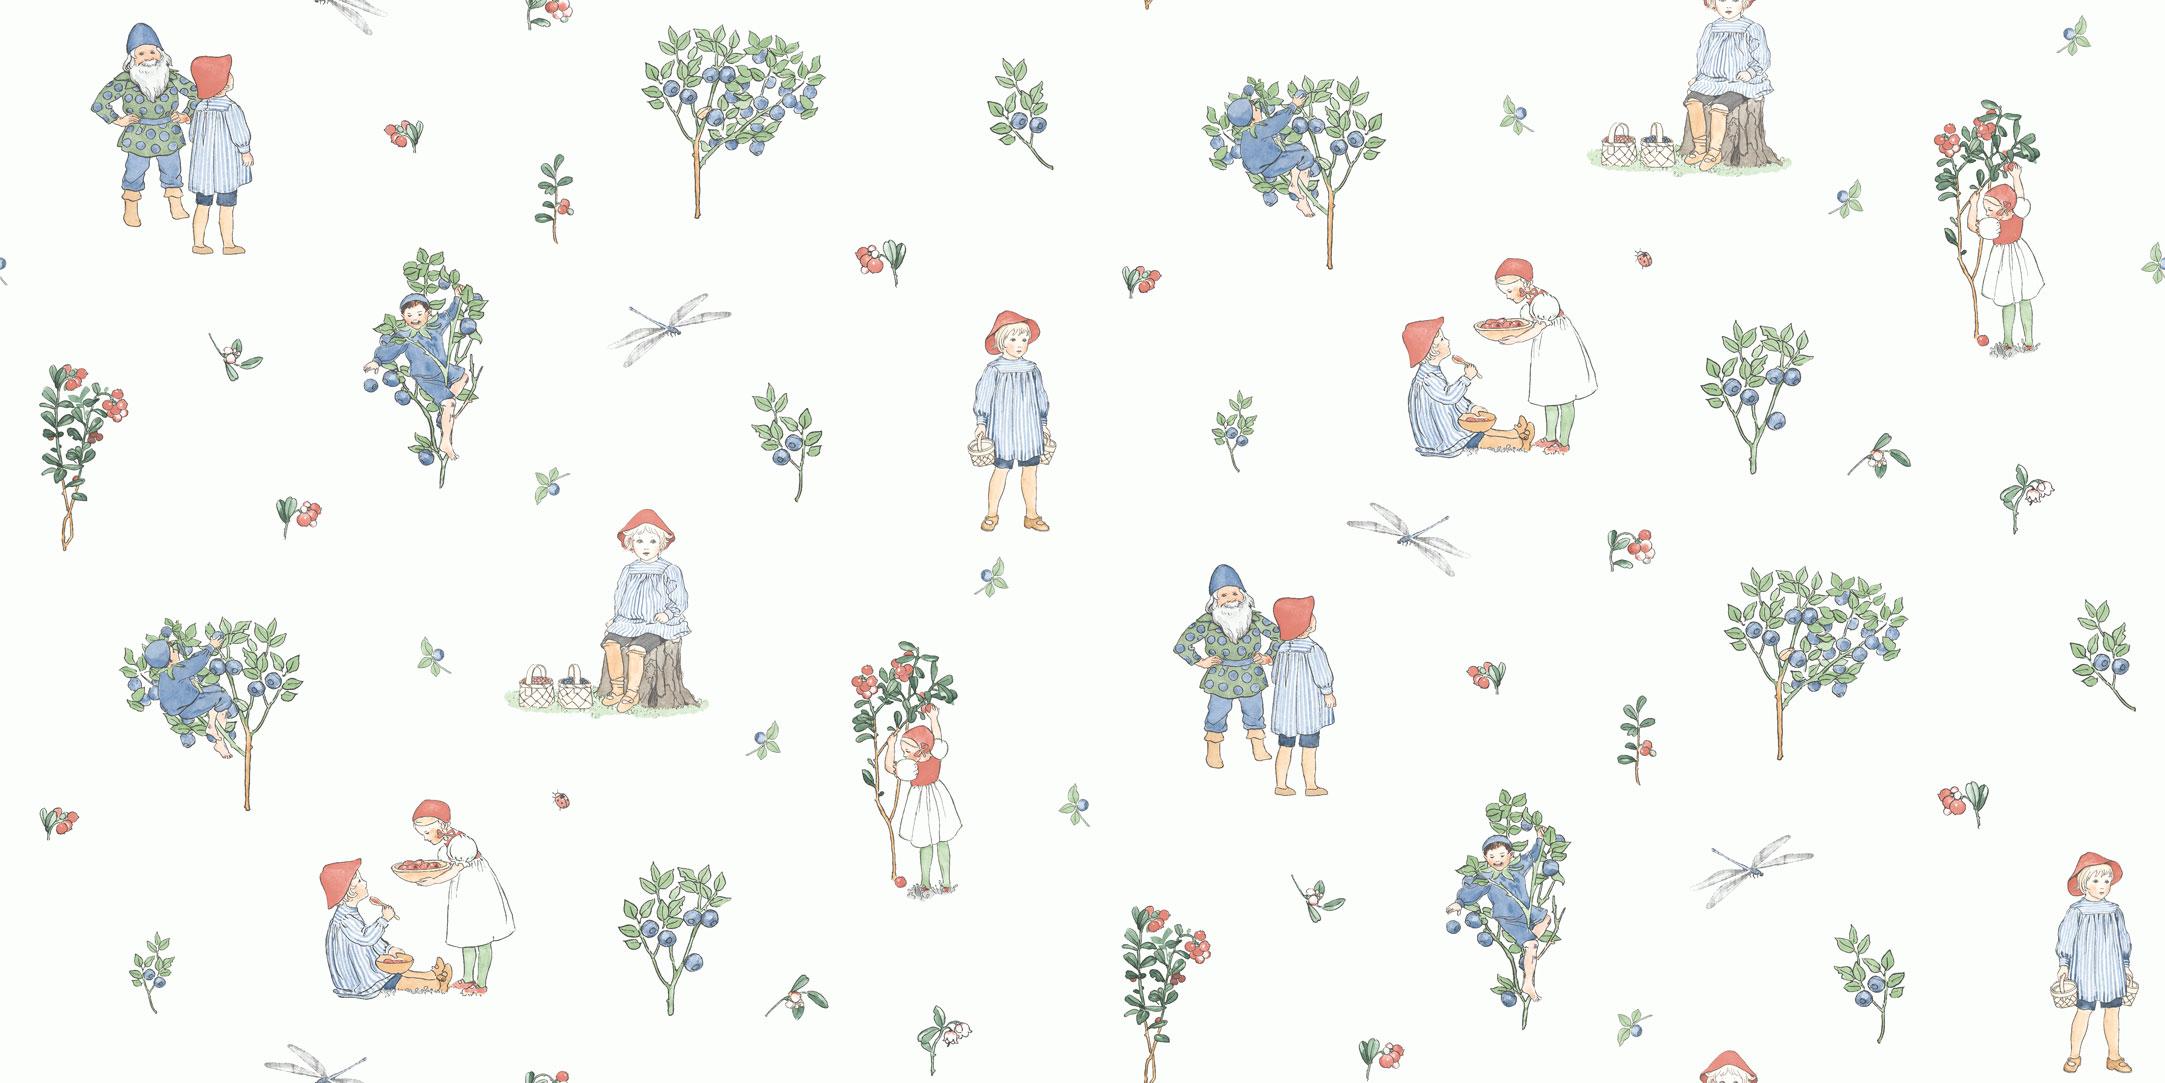 Обои для детей с иллюстрациями Эльзы Бесков по мотивам книги «Черничный дедка» заказать с доставкой до подъезда